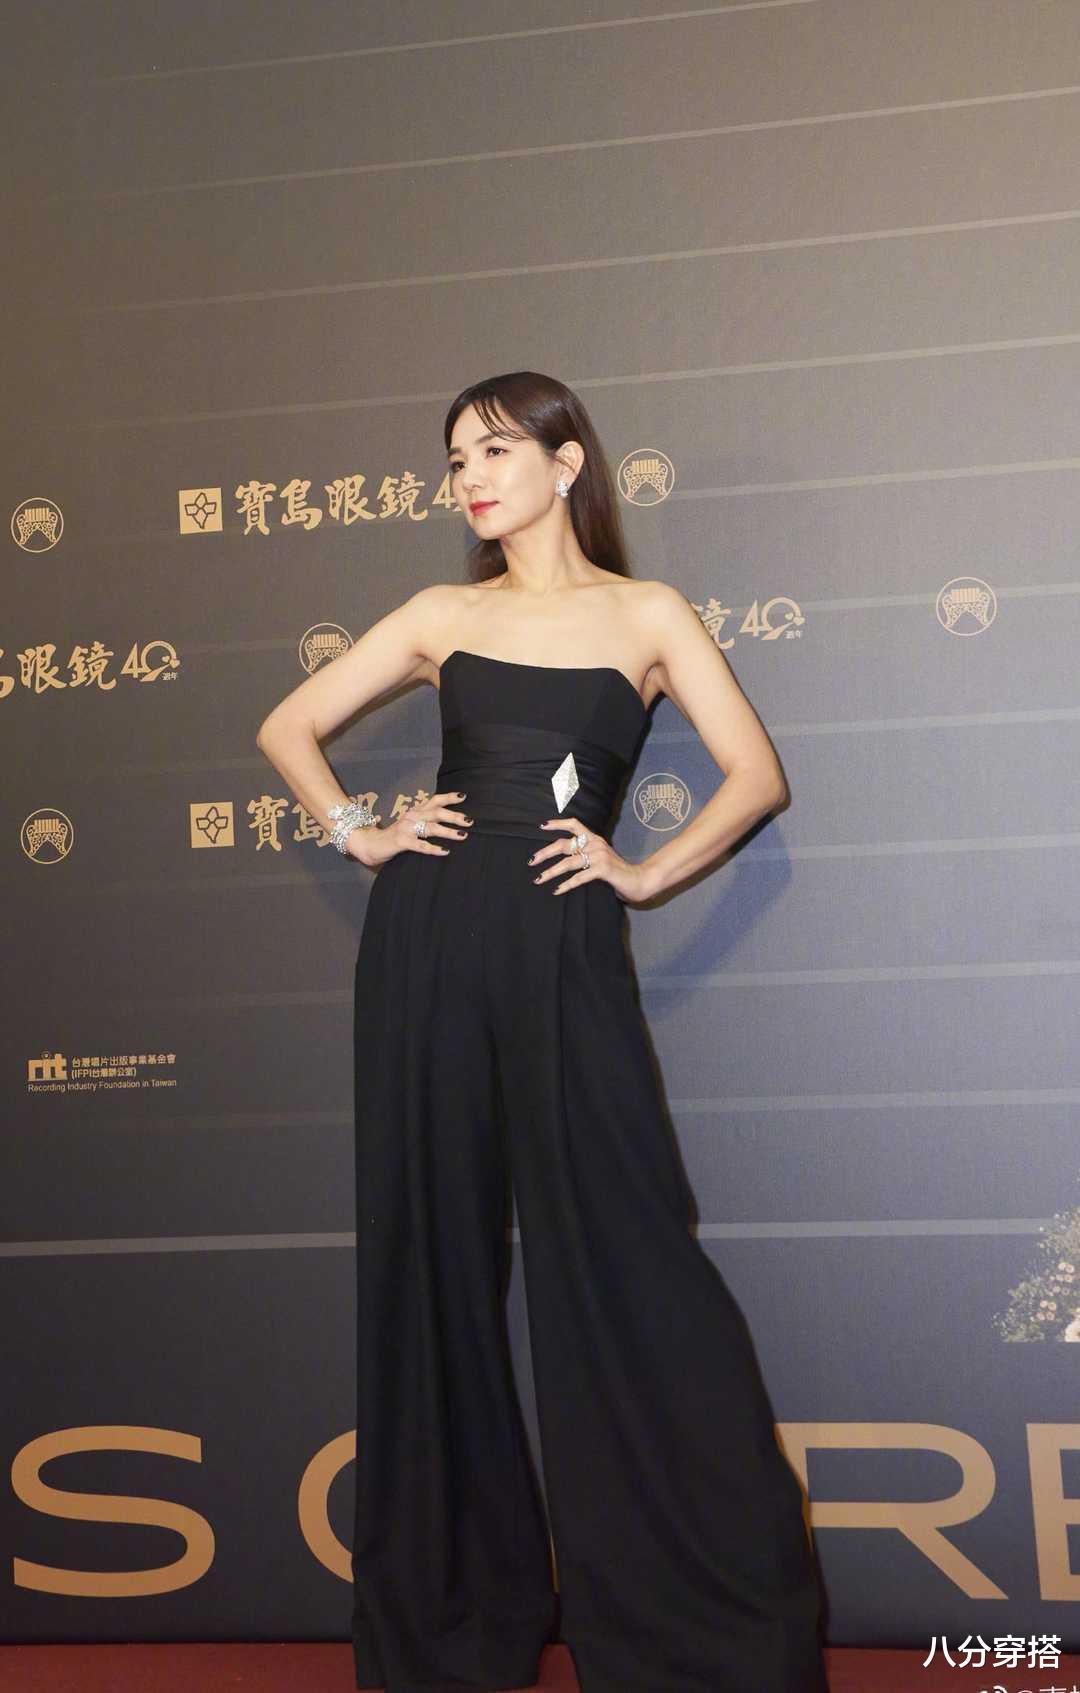 Ella陳嘉樺坐豪車亮相,一襲黑色抹胸連體褲,二八比例太驚艷-圖3